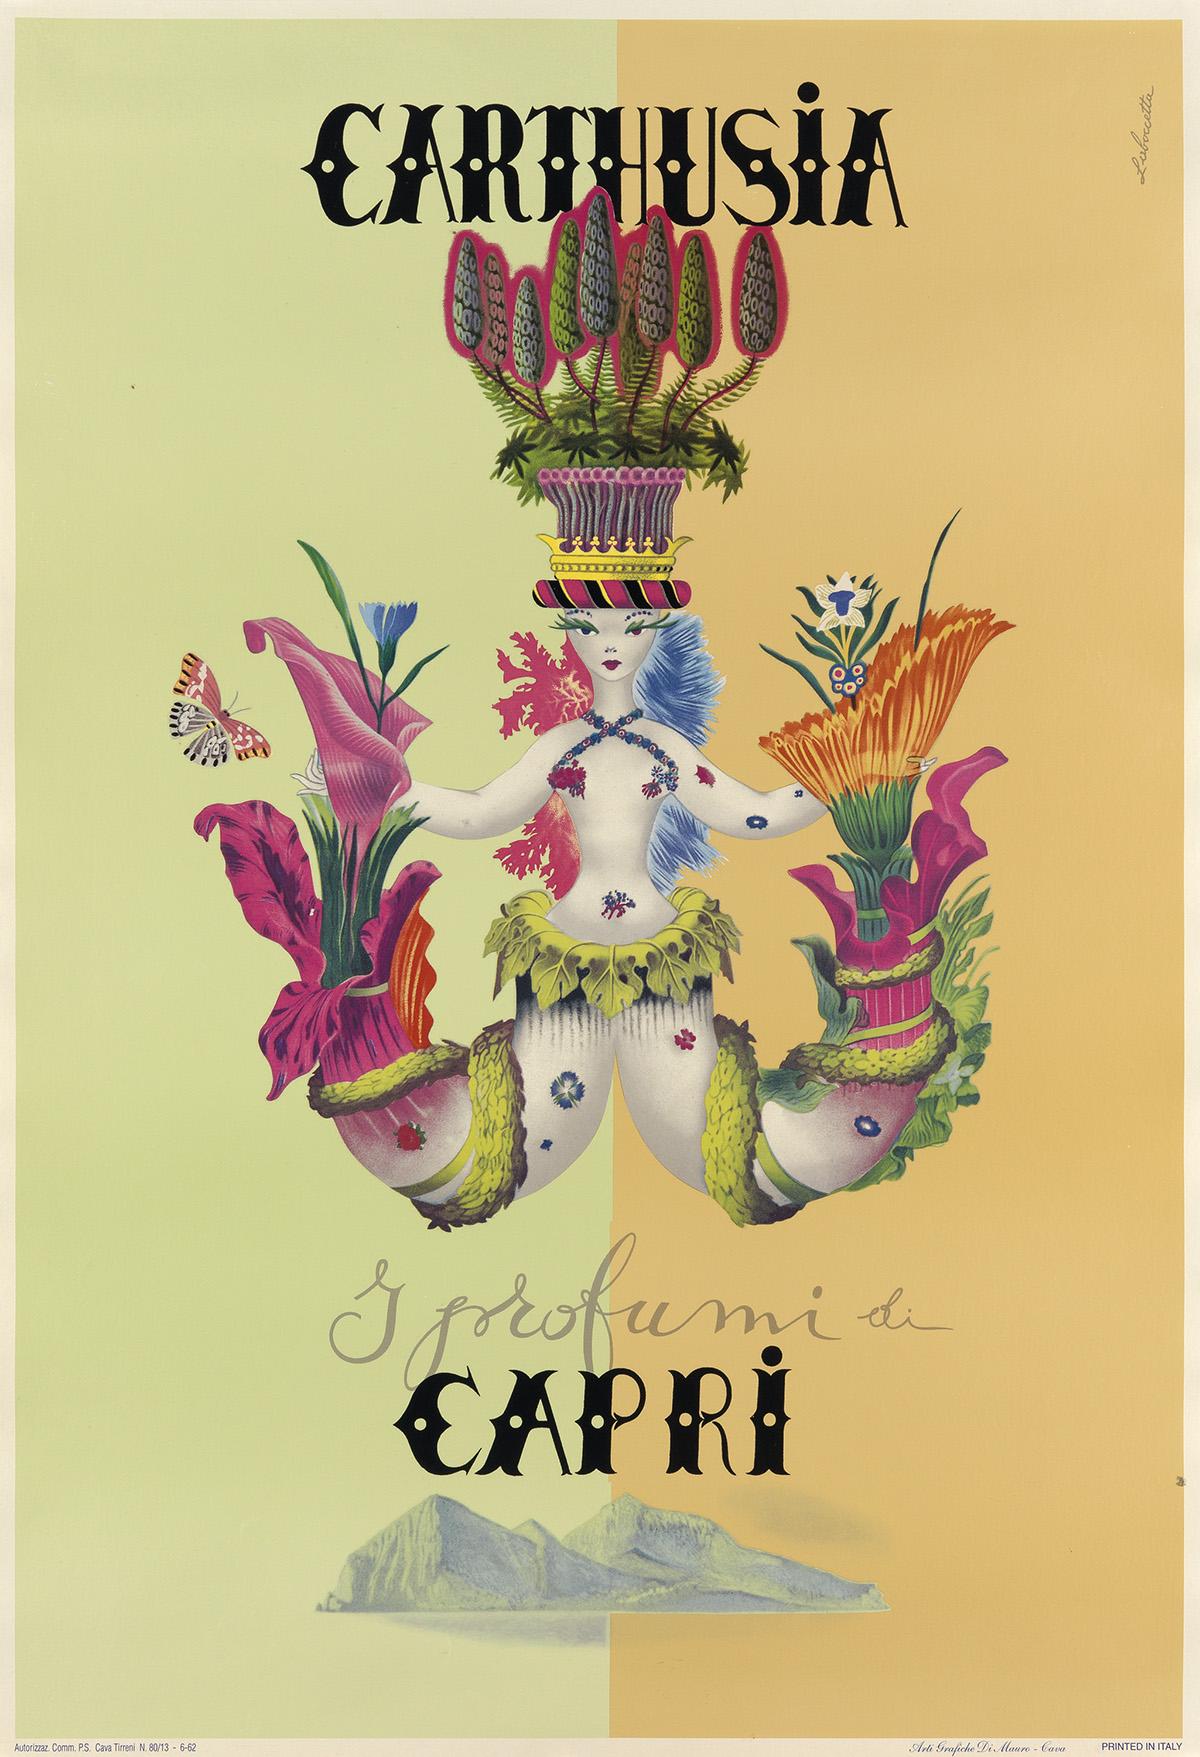 MARIO-LABOCCETTA-(1899-1988)-CARTHUSIA--I-PROFUMI-DI--CAPRI-